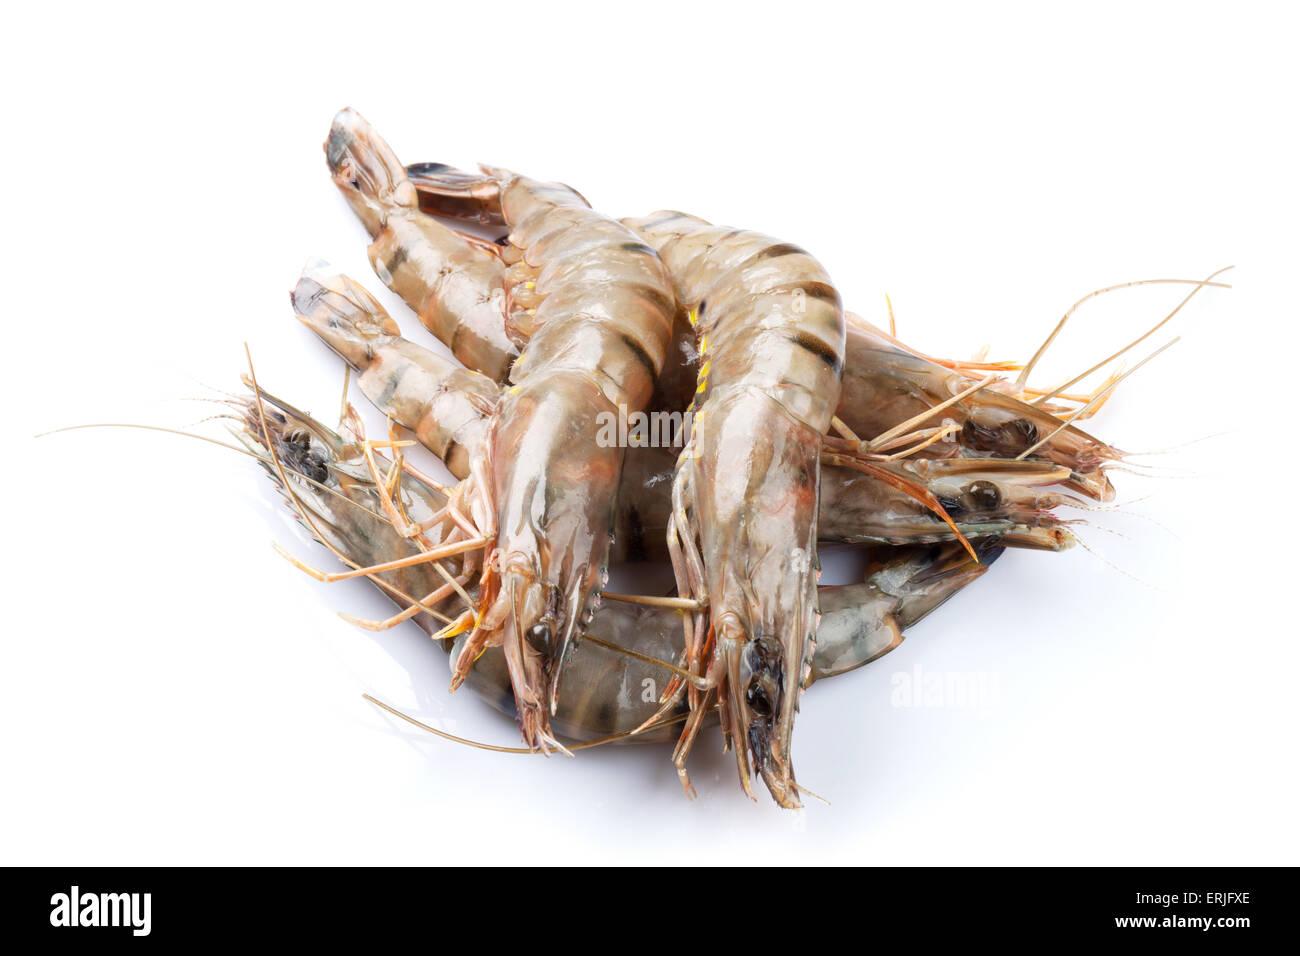 Fresh raw tiger prawns. Isolated on white background - Stock Image